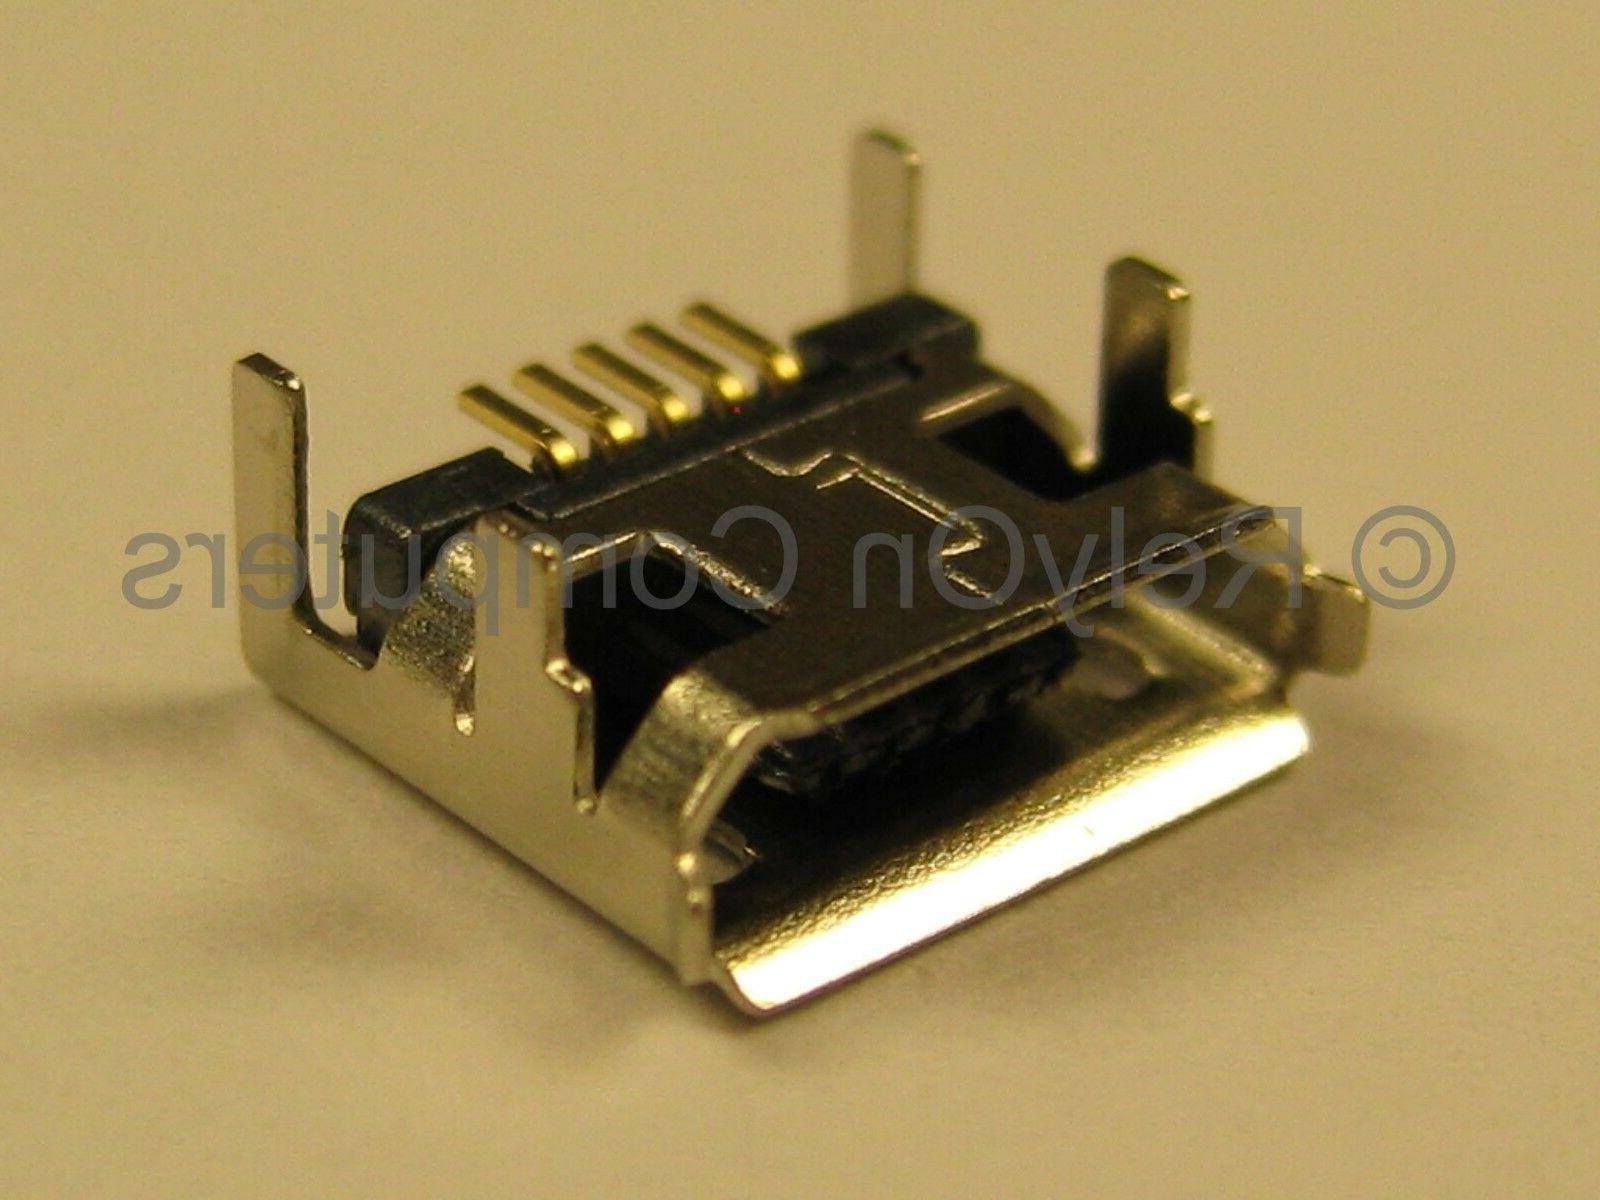 3x USB LifeJacket 2 USA